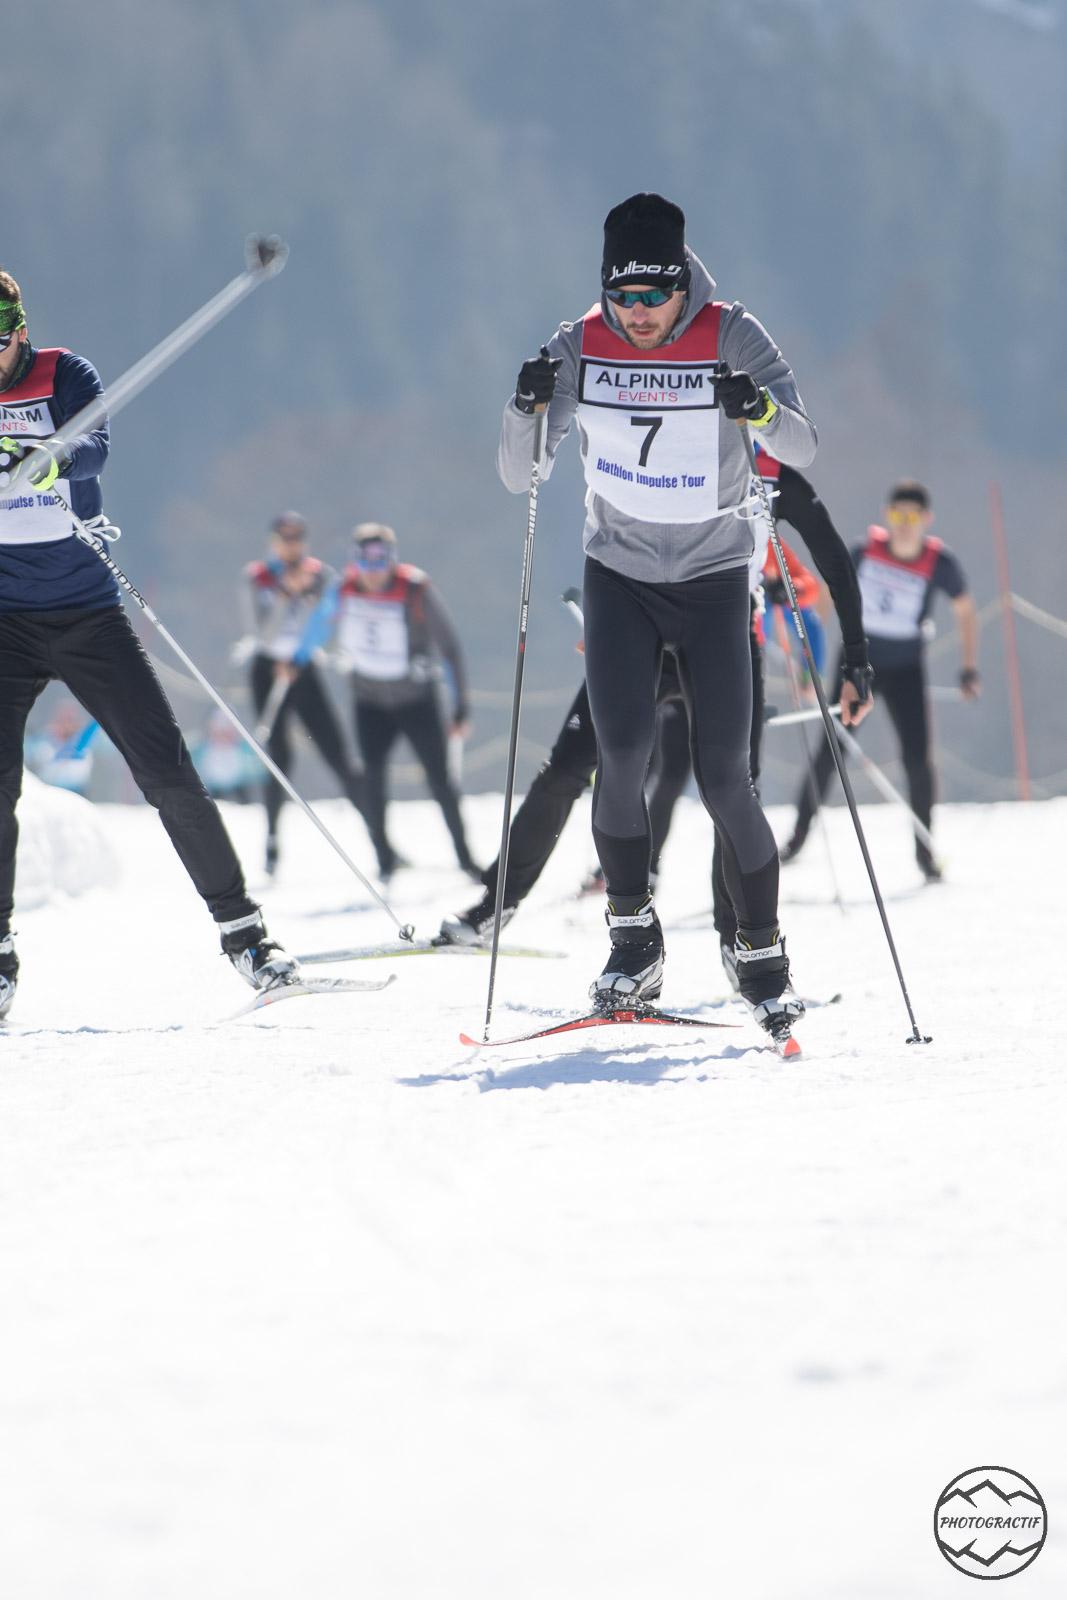 Biathlon Alpinum Les Contamines 2019 (15)